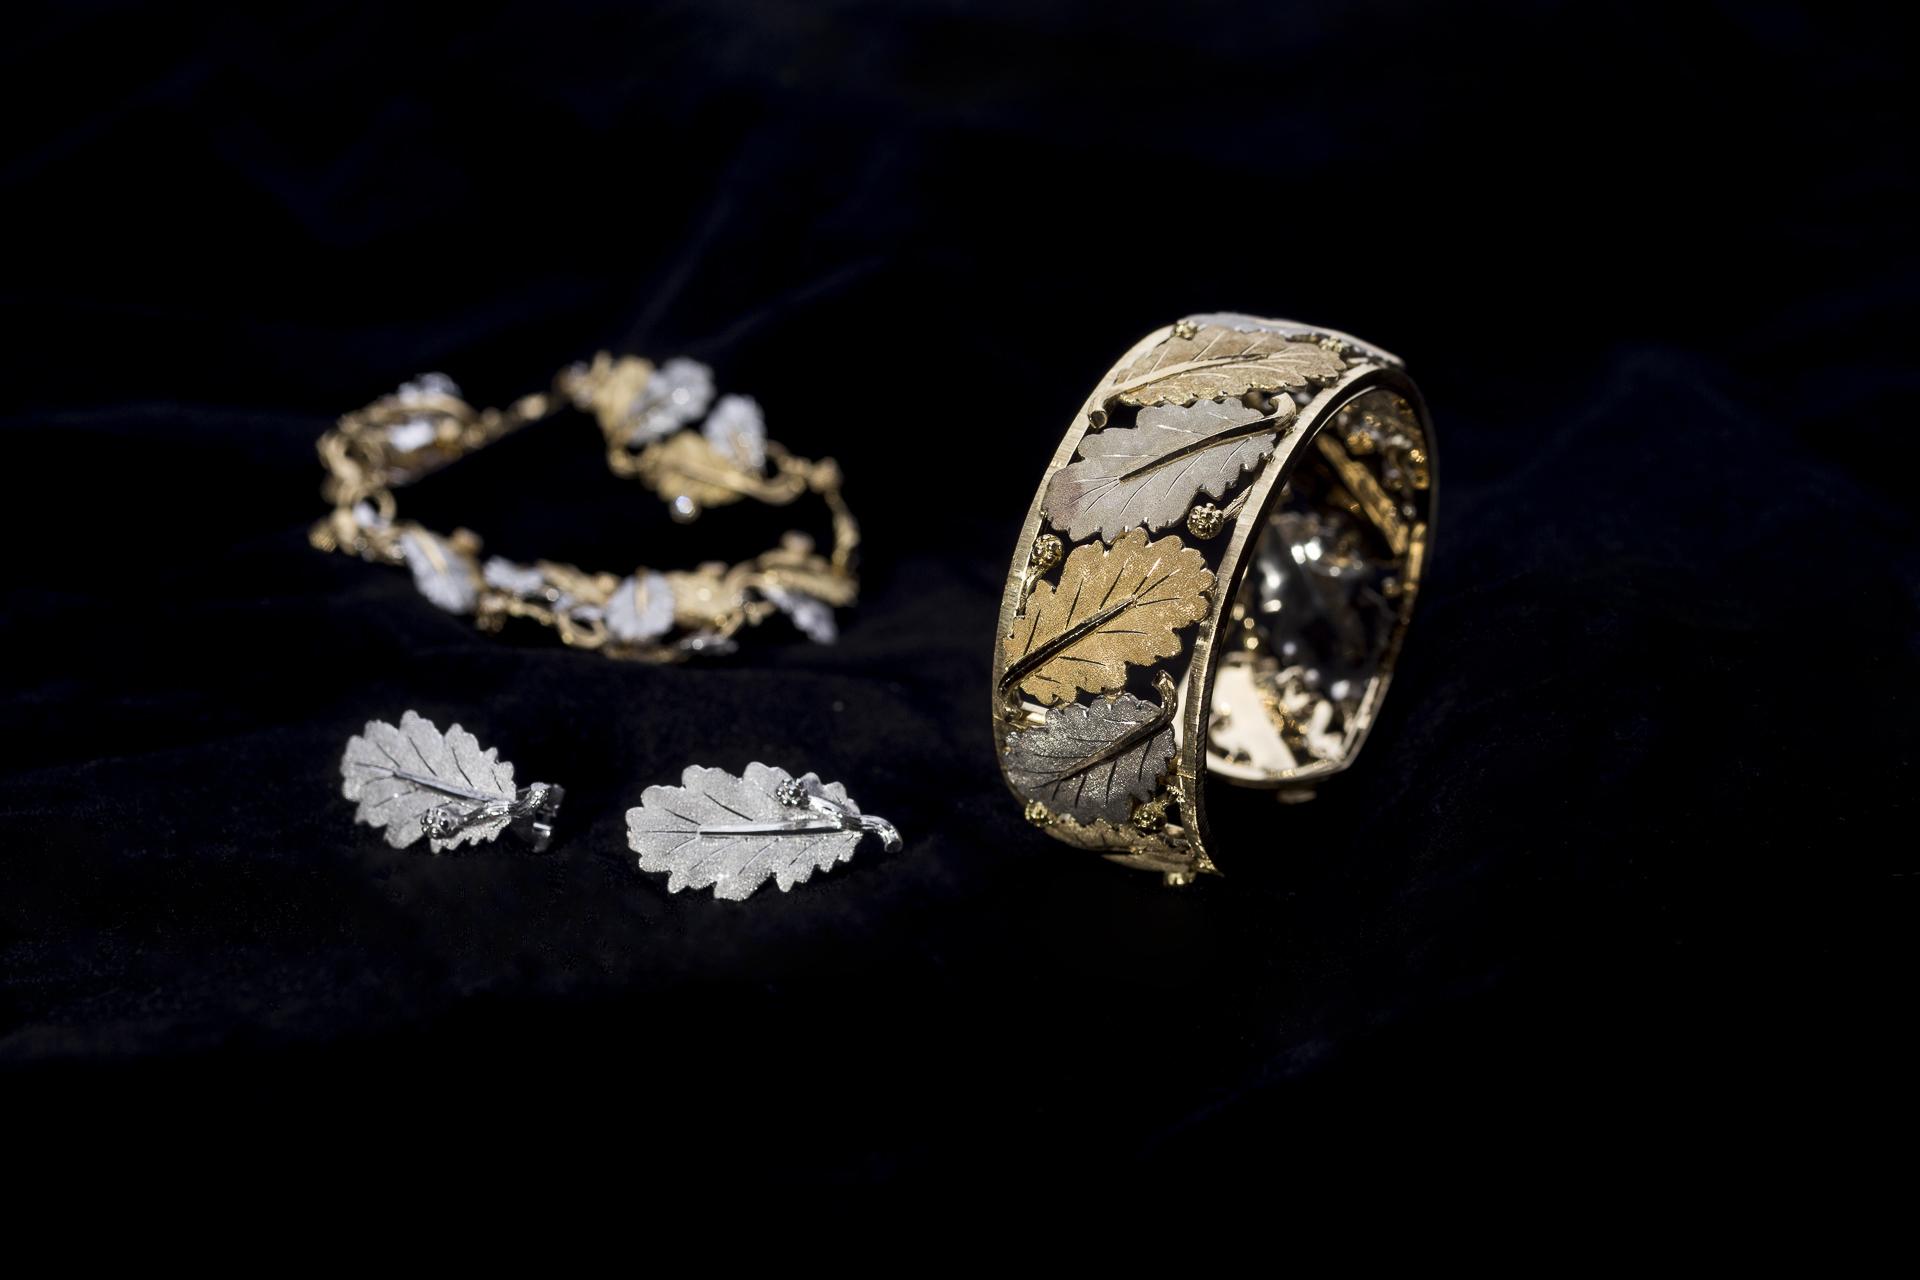 Lo stile per il quale Buccellati è famoso, dai cntro tavola alla gioielleria, reca spesso motivi arborei e foglie